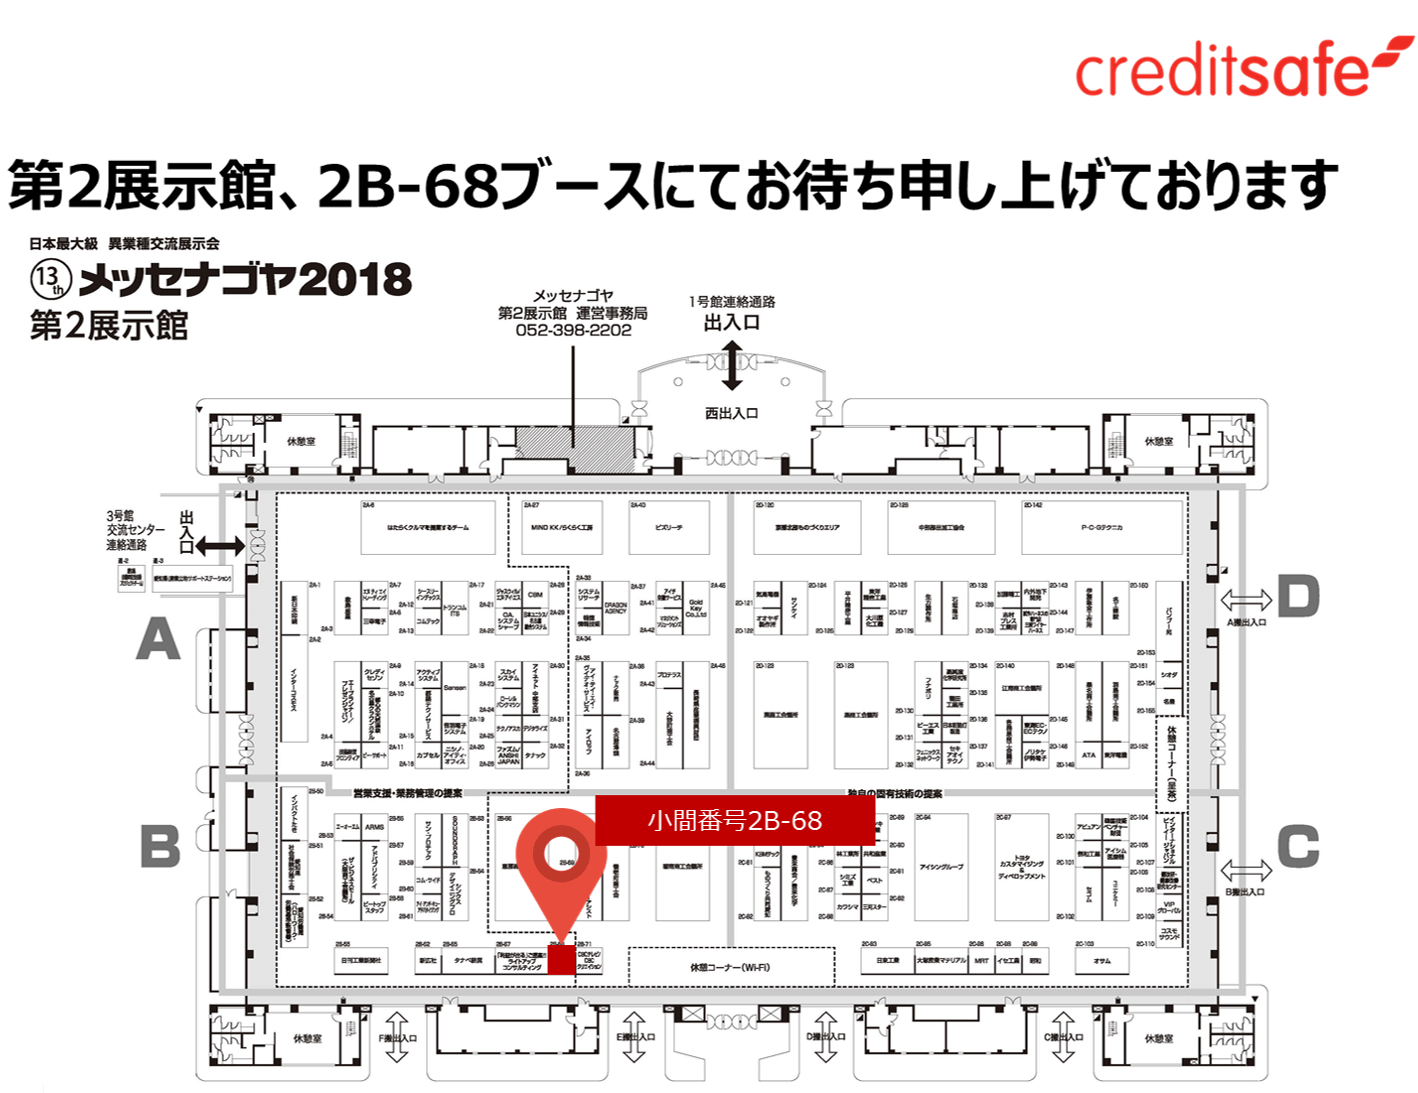 株式会社クレディセイフ企業情報が幕張メッセで開催されるJapan IT Week 秋 2018「第8回 Web&デジタル マーケティング EXPO」に出展します。